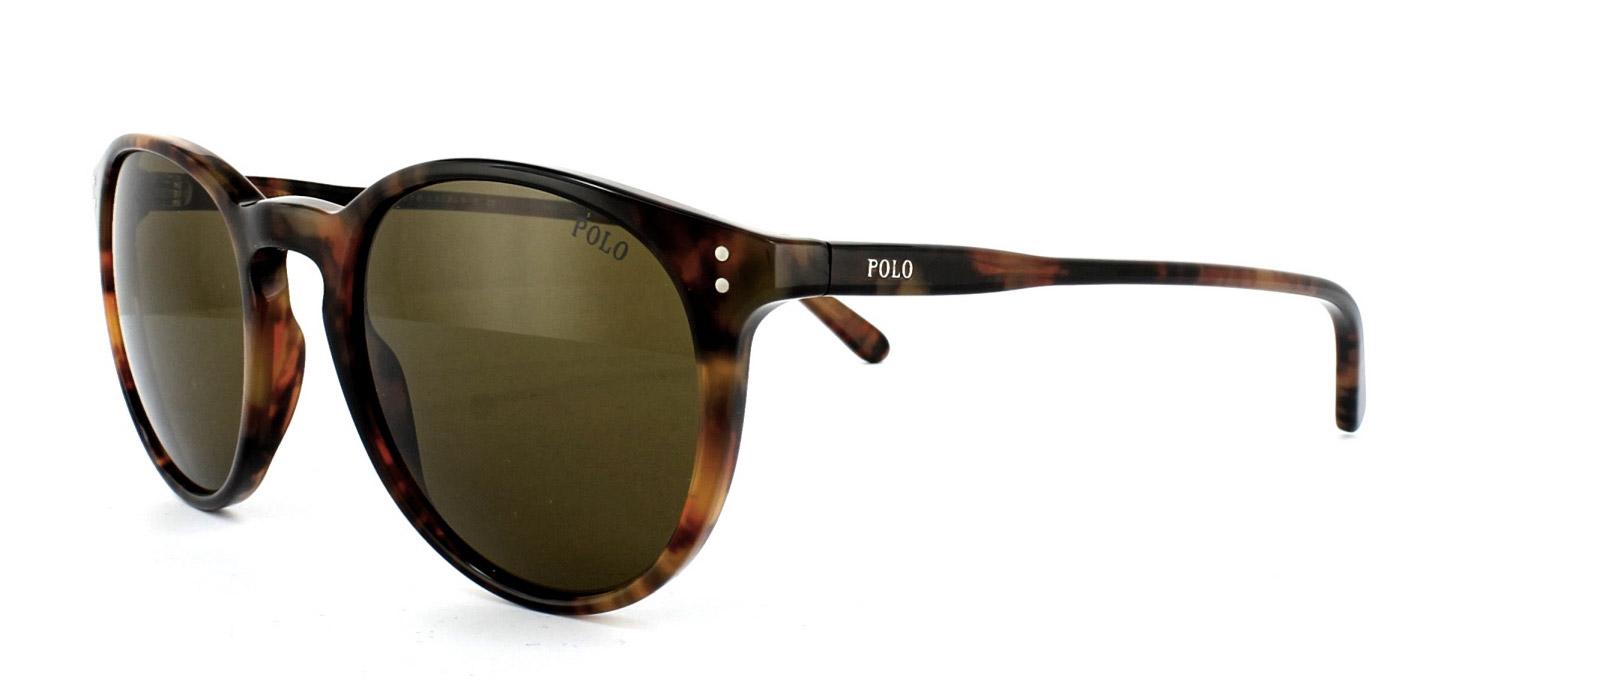 occhiali da sole polo 4110 ottico ticino lugano